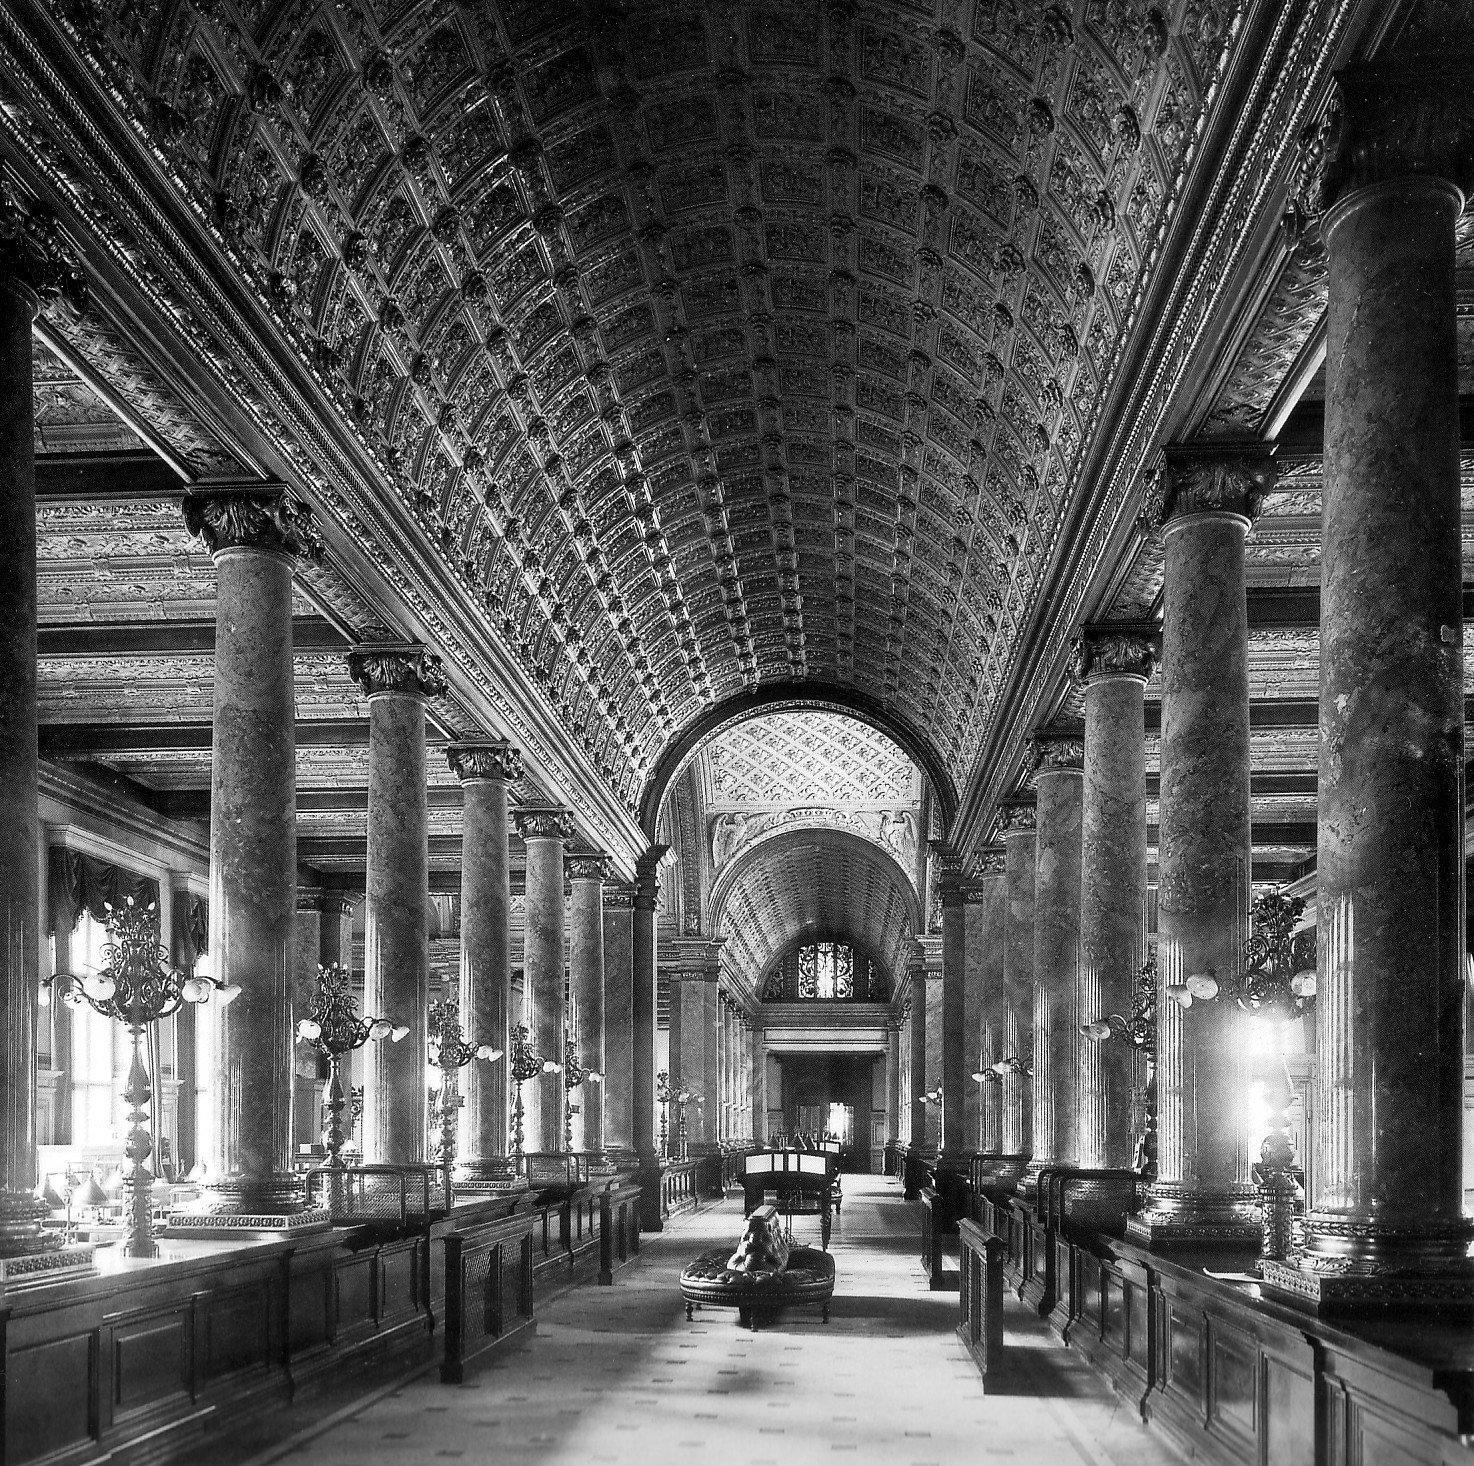 Kassenhalle im Erweiterungsbau, 1903Königlich Preußische Messbildanstalt • Public domain